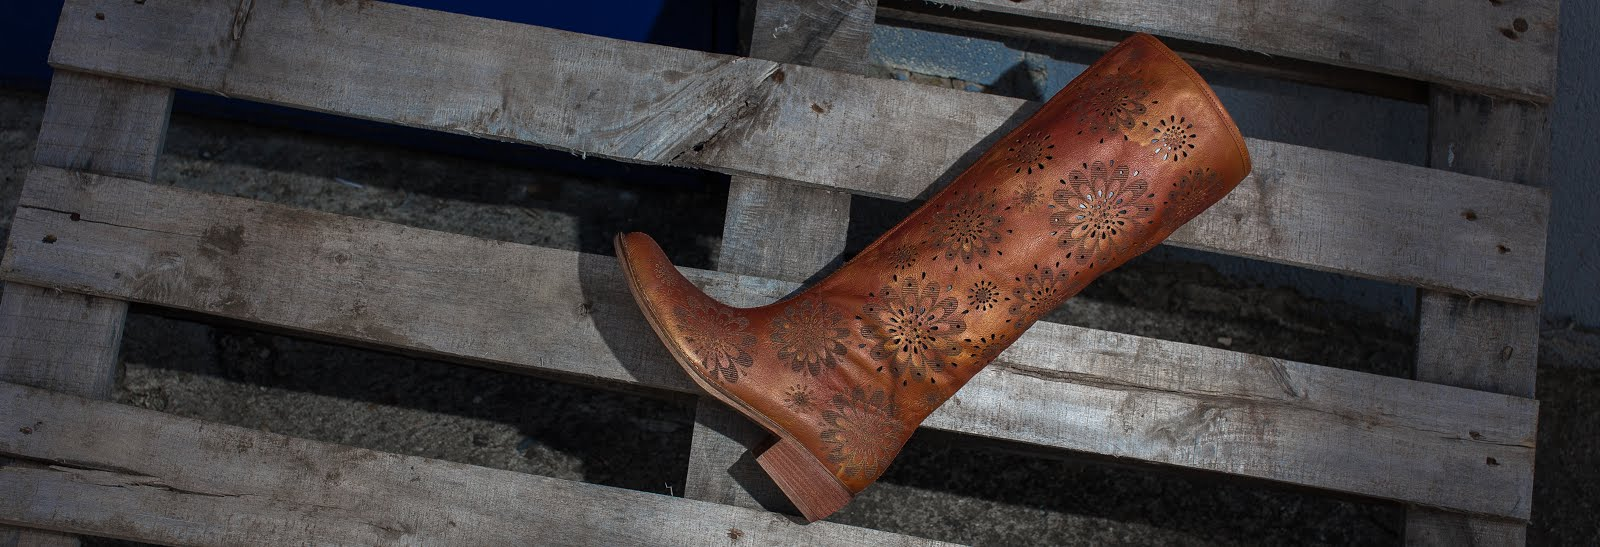 Качествени Български обувки Недс / Неди Стил